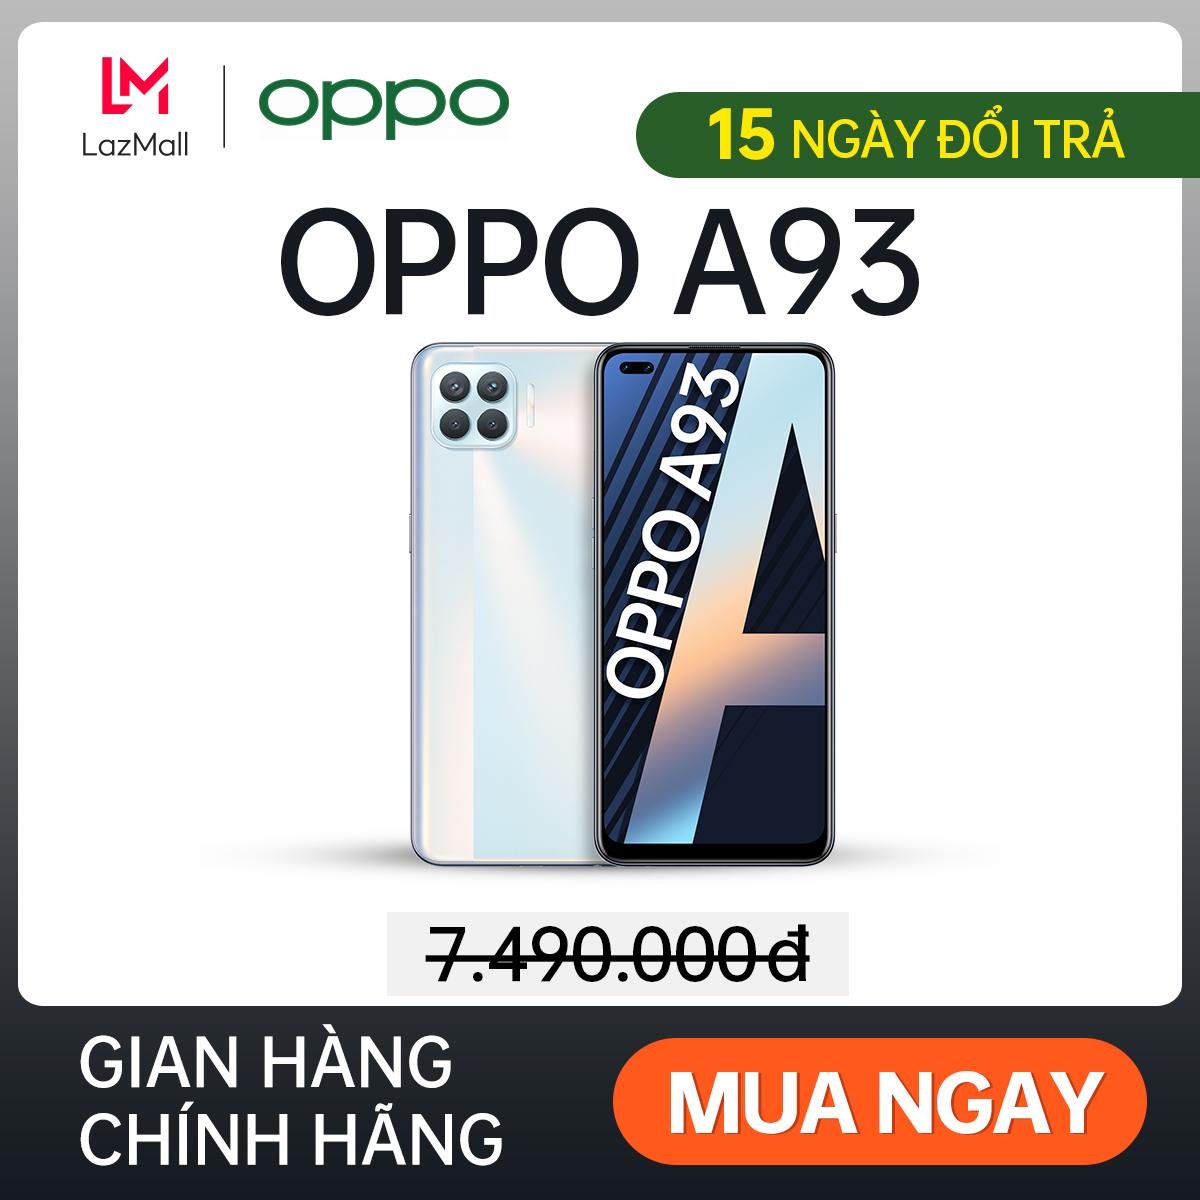 Điện thoại OPPO A93 (8GB/128GB) - Hàng chính hãng